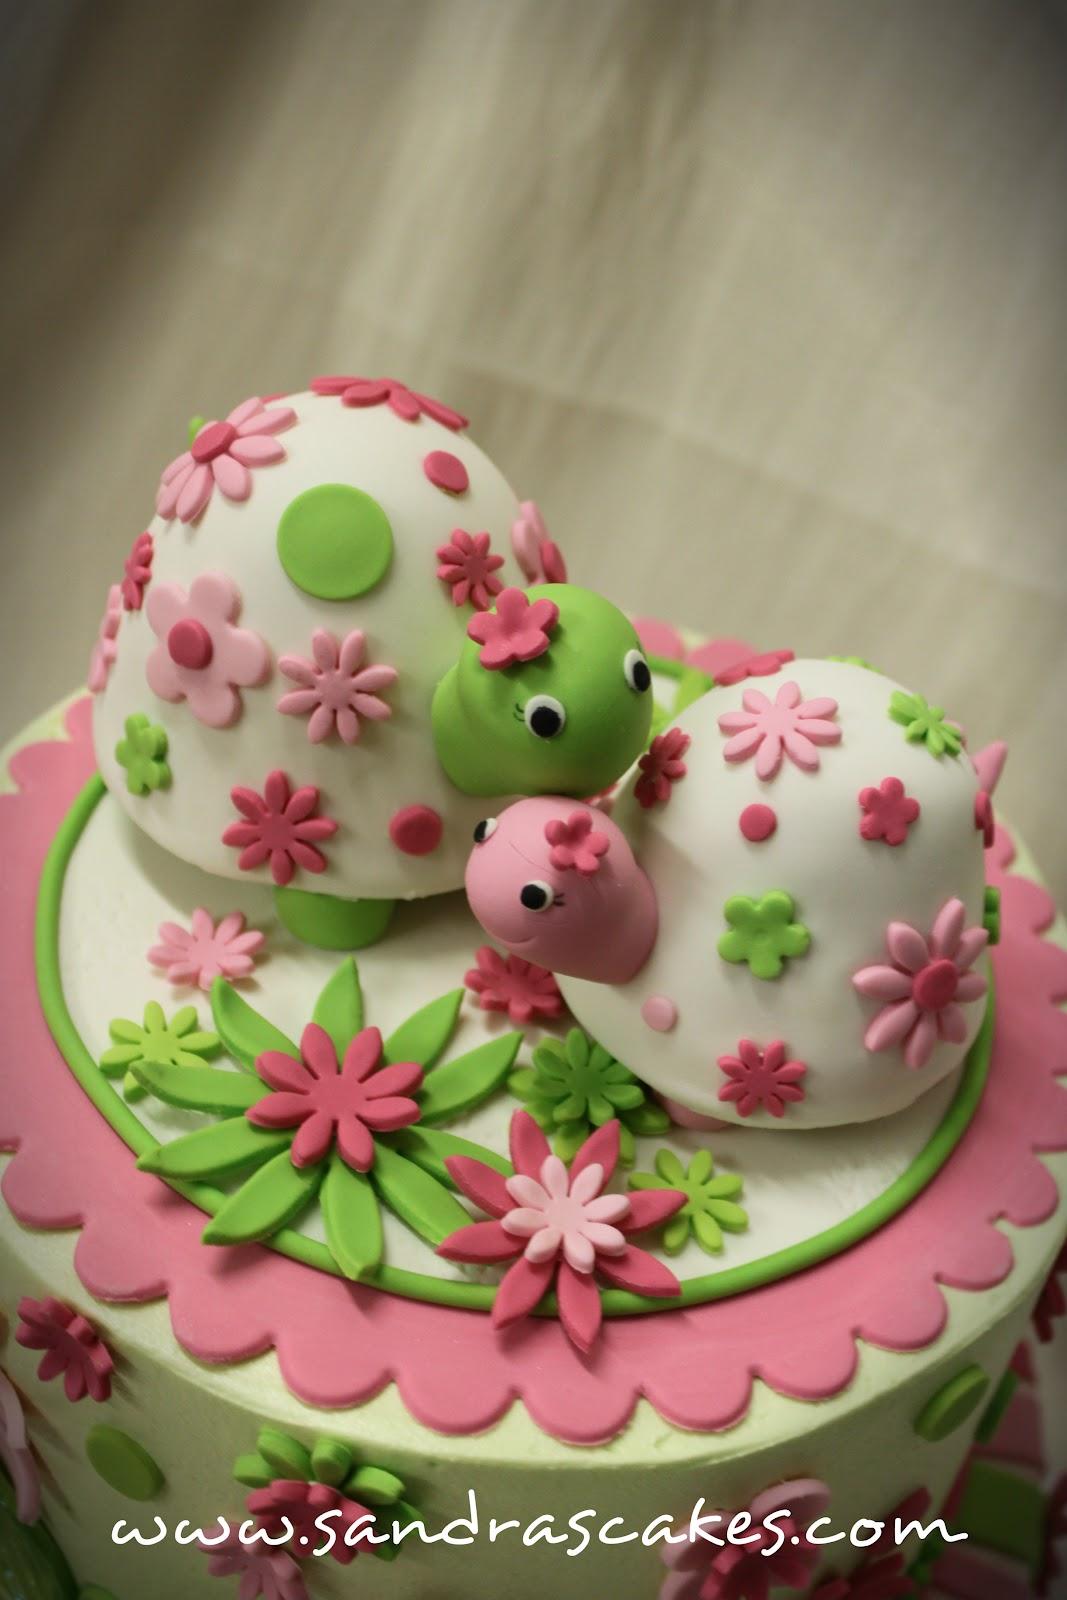 Торты для детей - рецепты с фото детских тортов 20